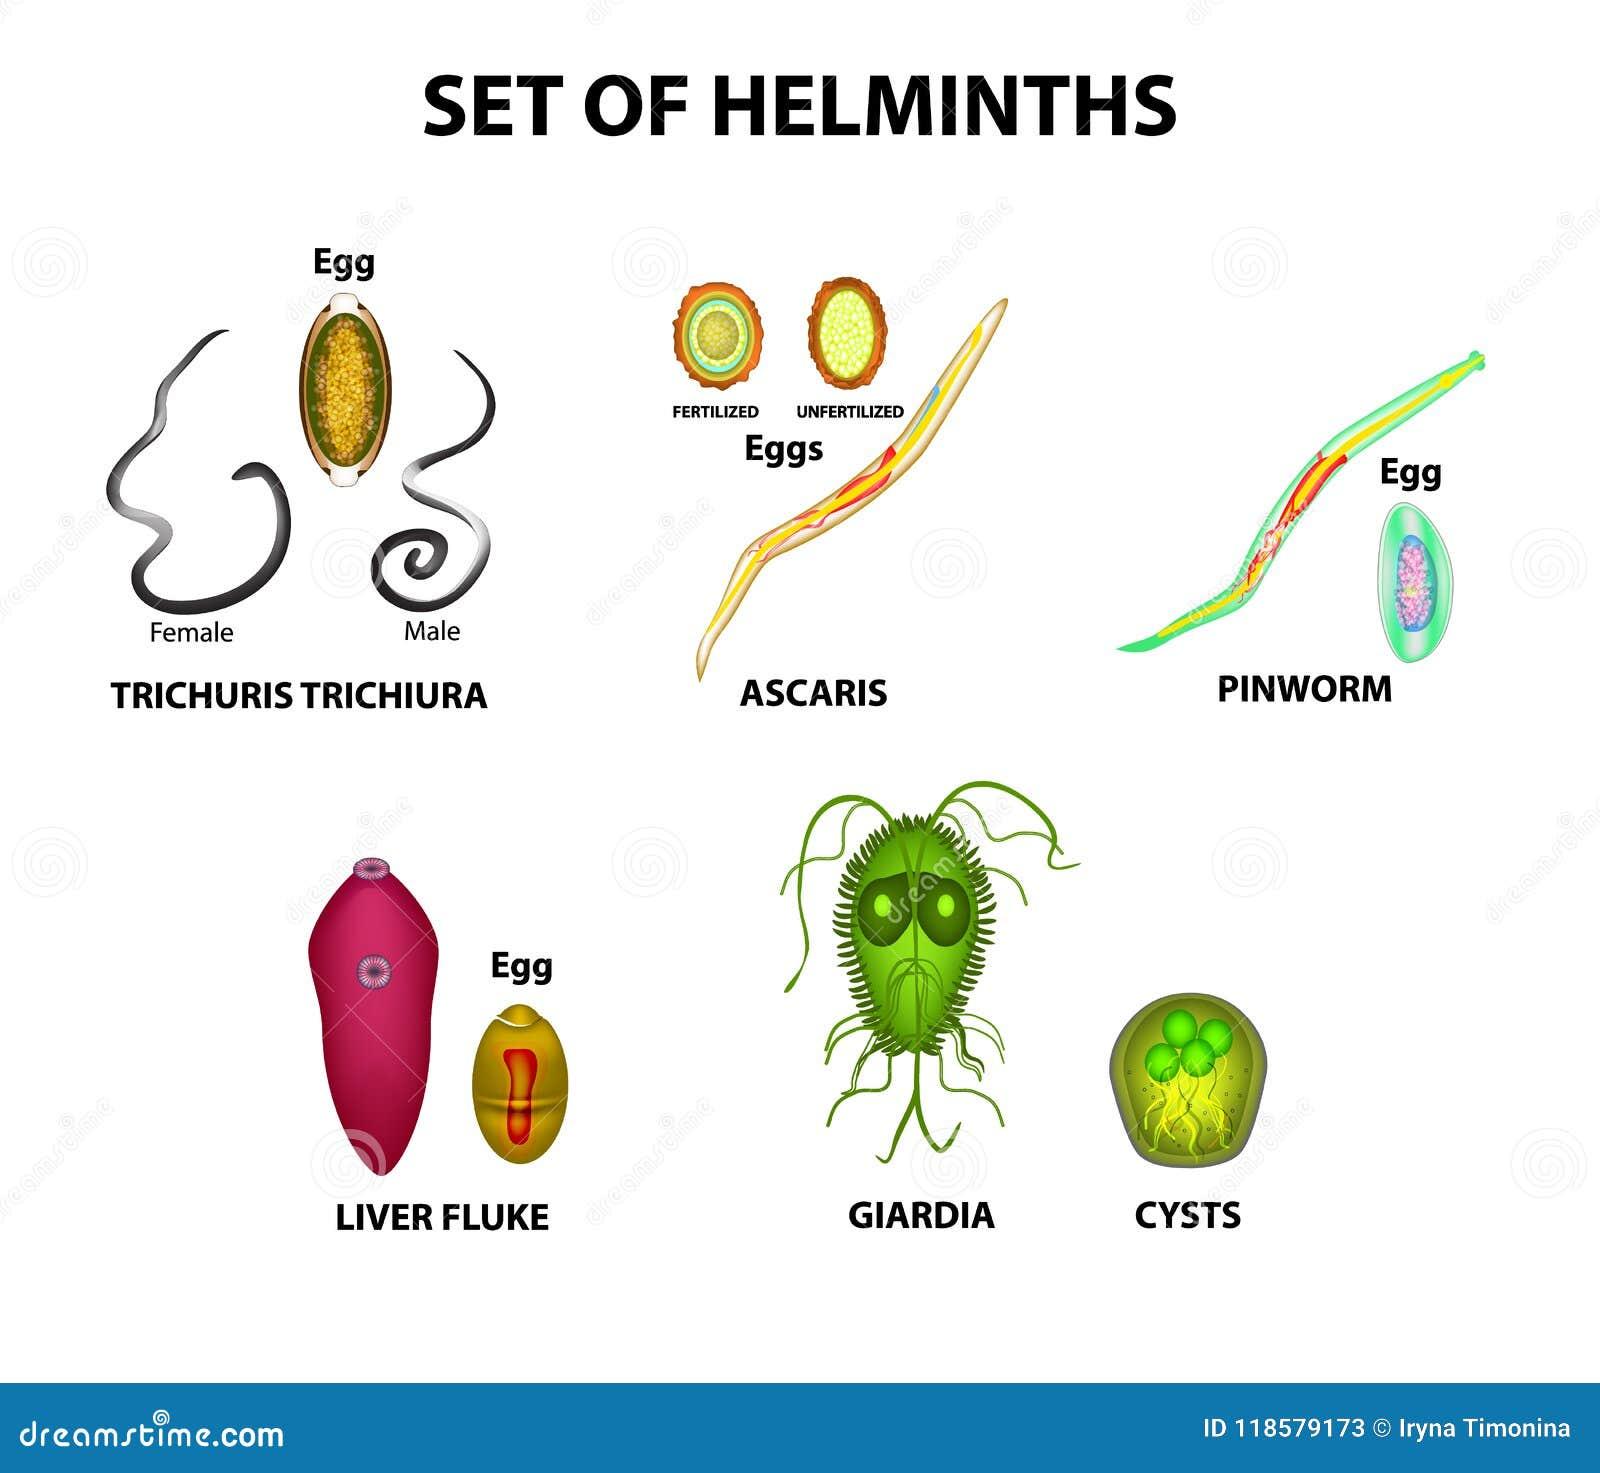 Worm allergia tünetei - A pinworm férgek tünetei és kezelése felnőtteknél